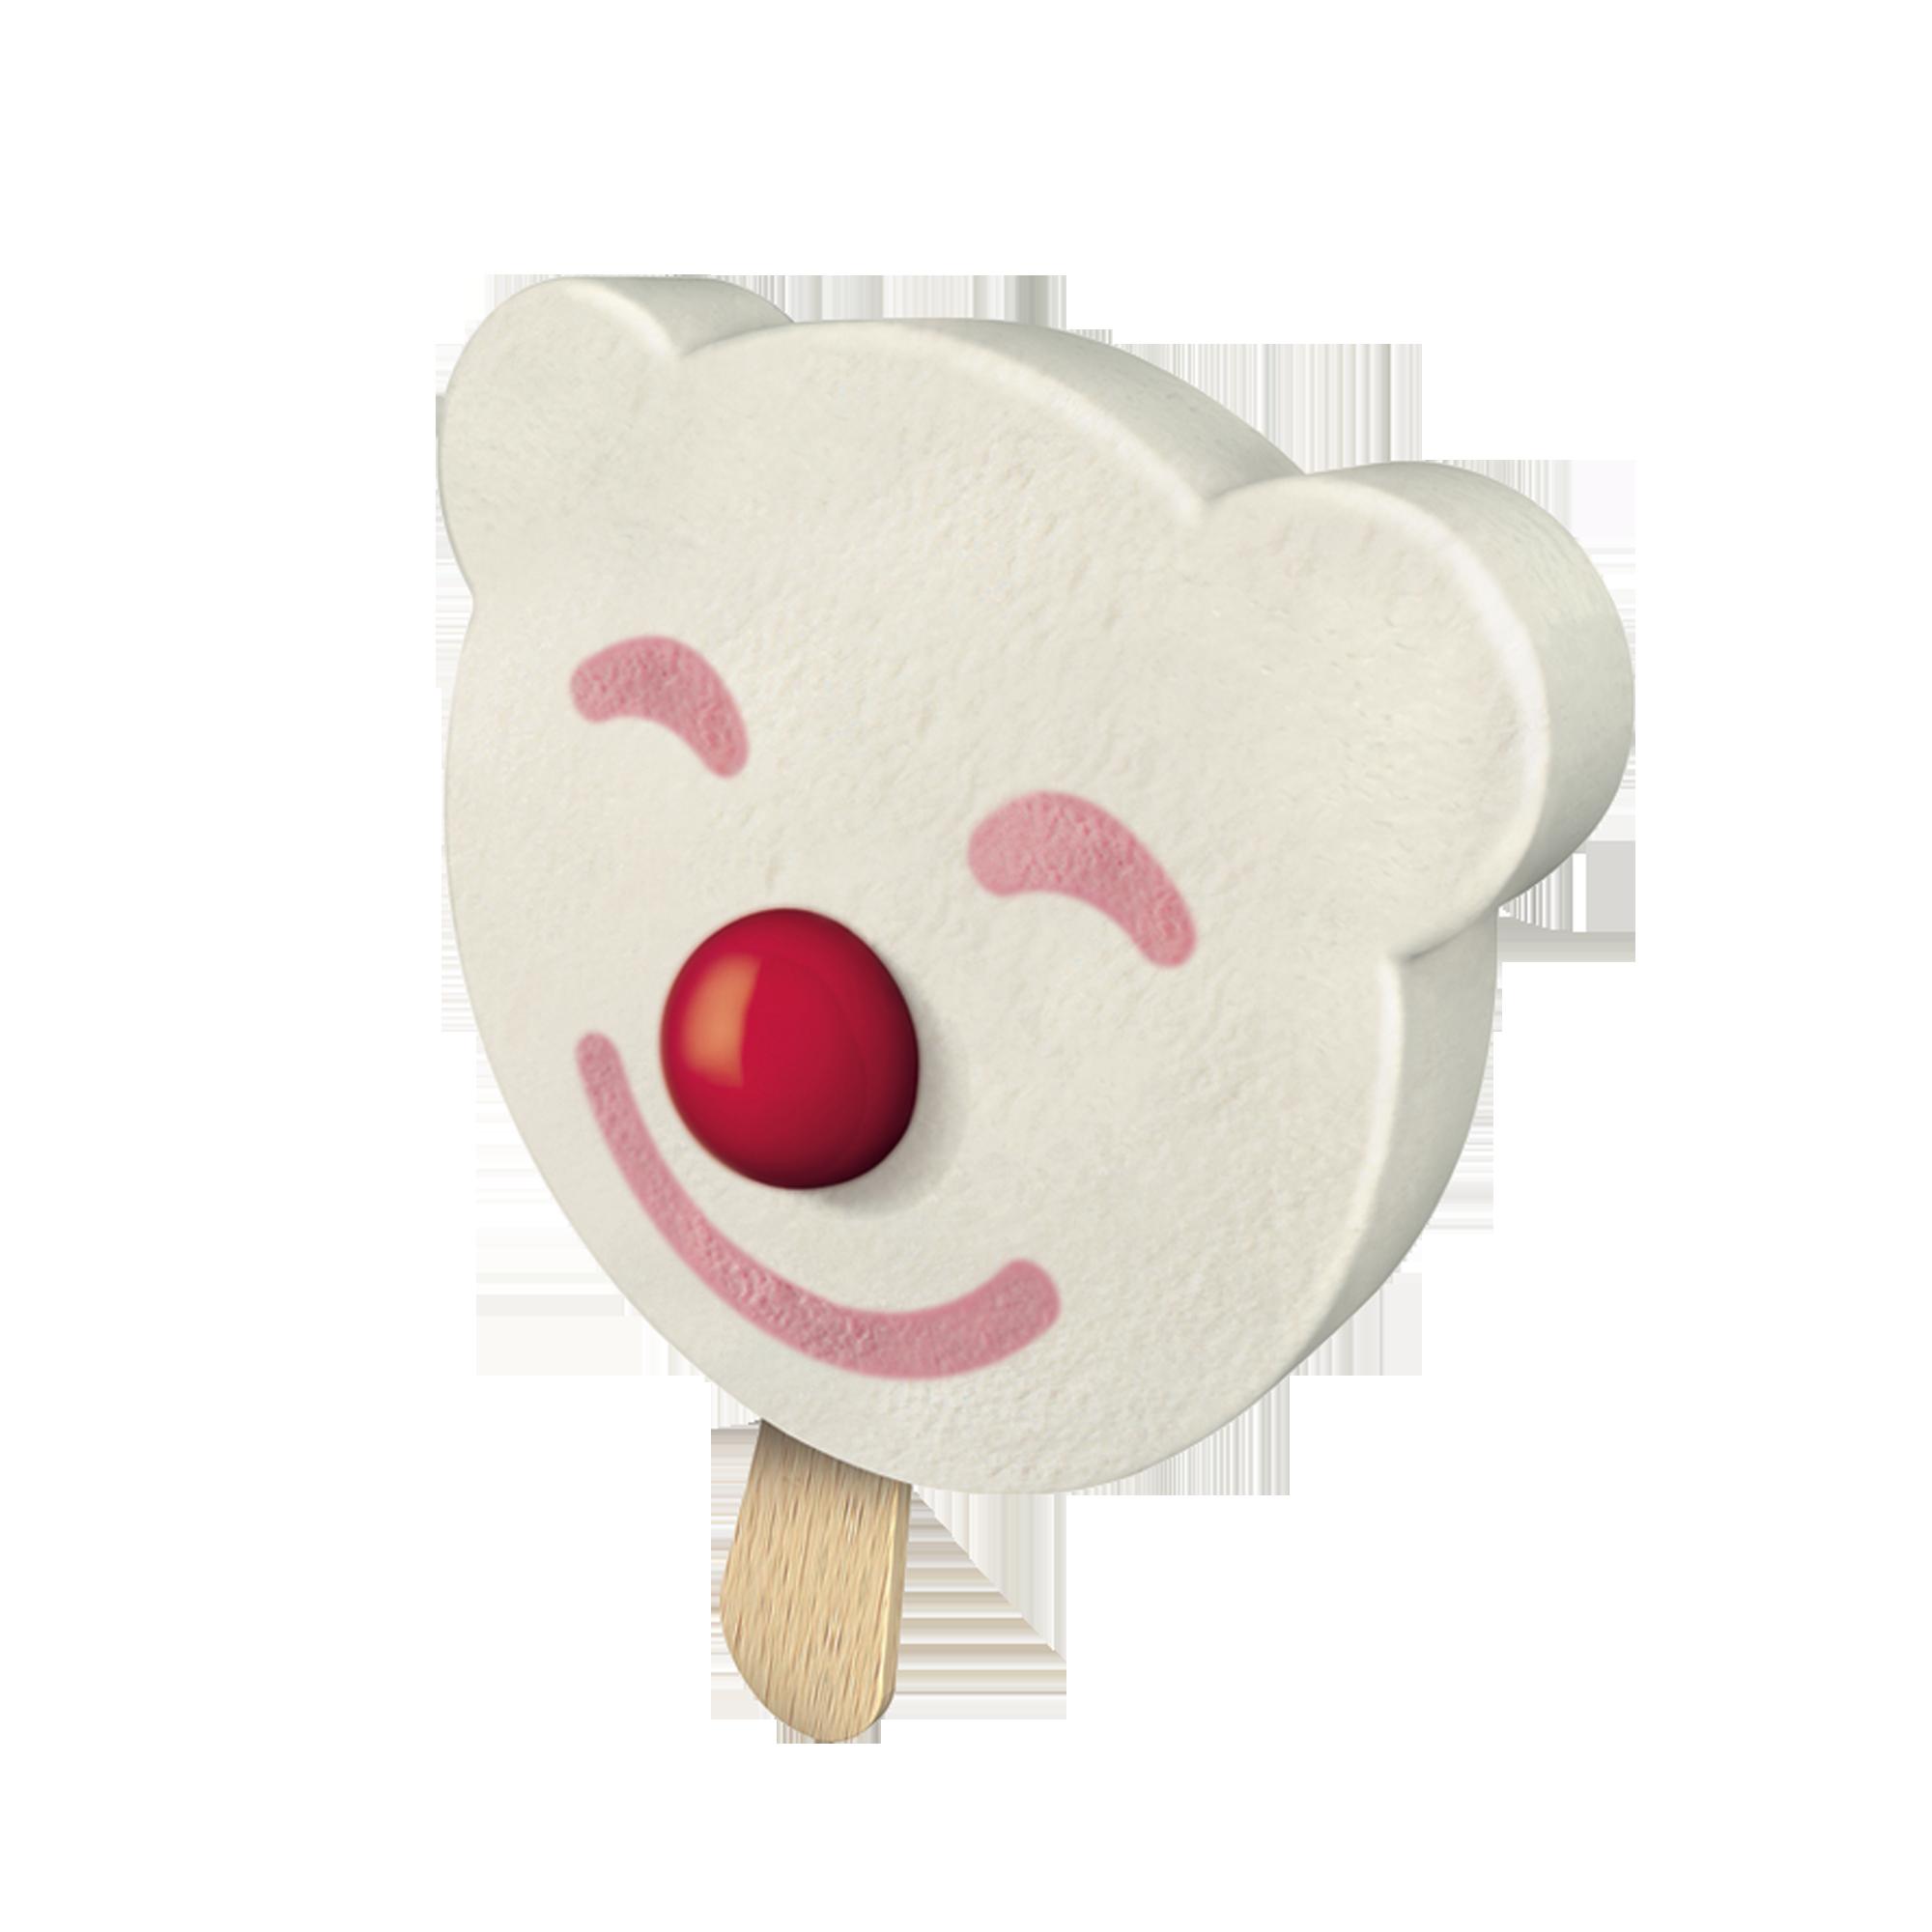 Føteis på pinne i form av en smilende isbjørn med tyggiskulenese